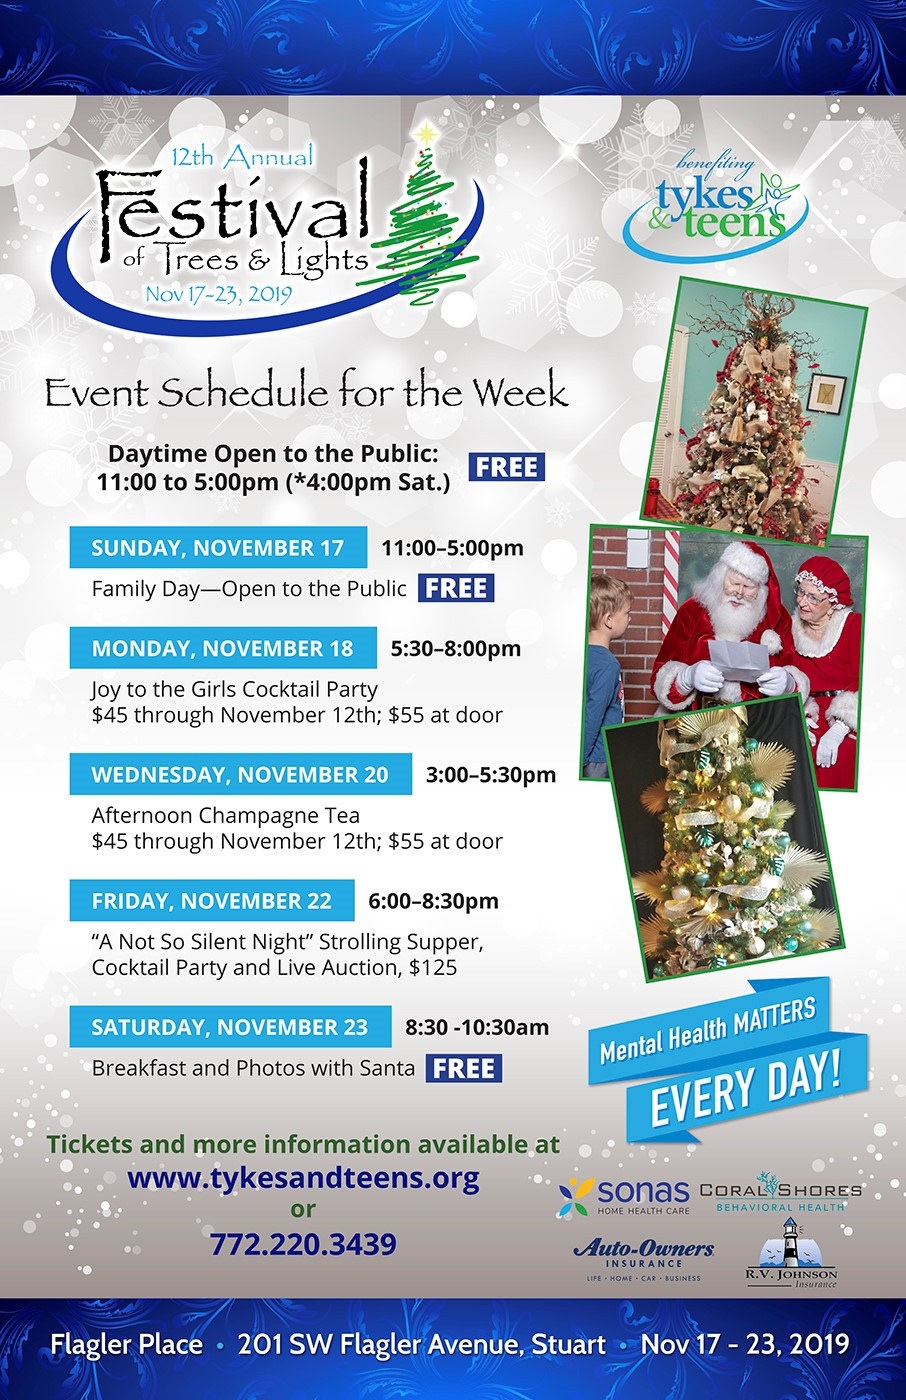 Festival of Trees & Lights Begins November 17th in Downtown Stuart